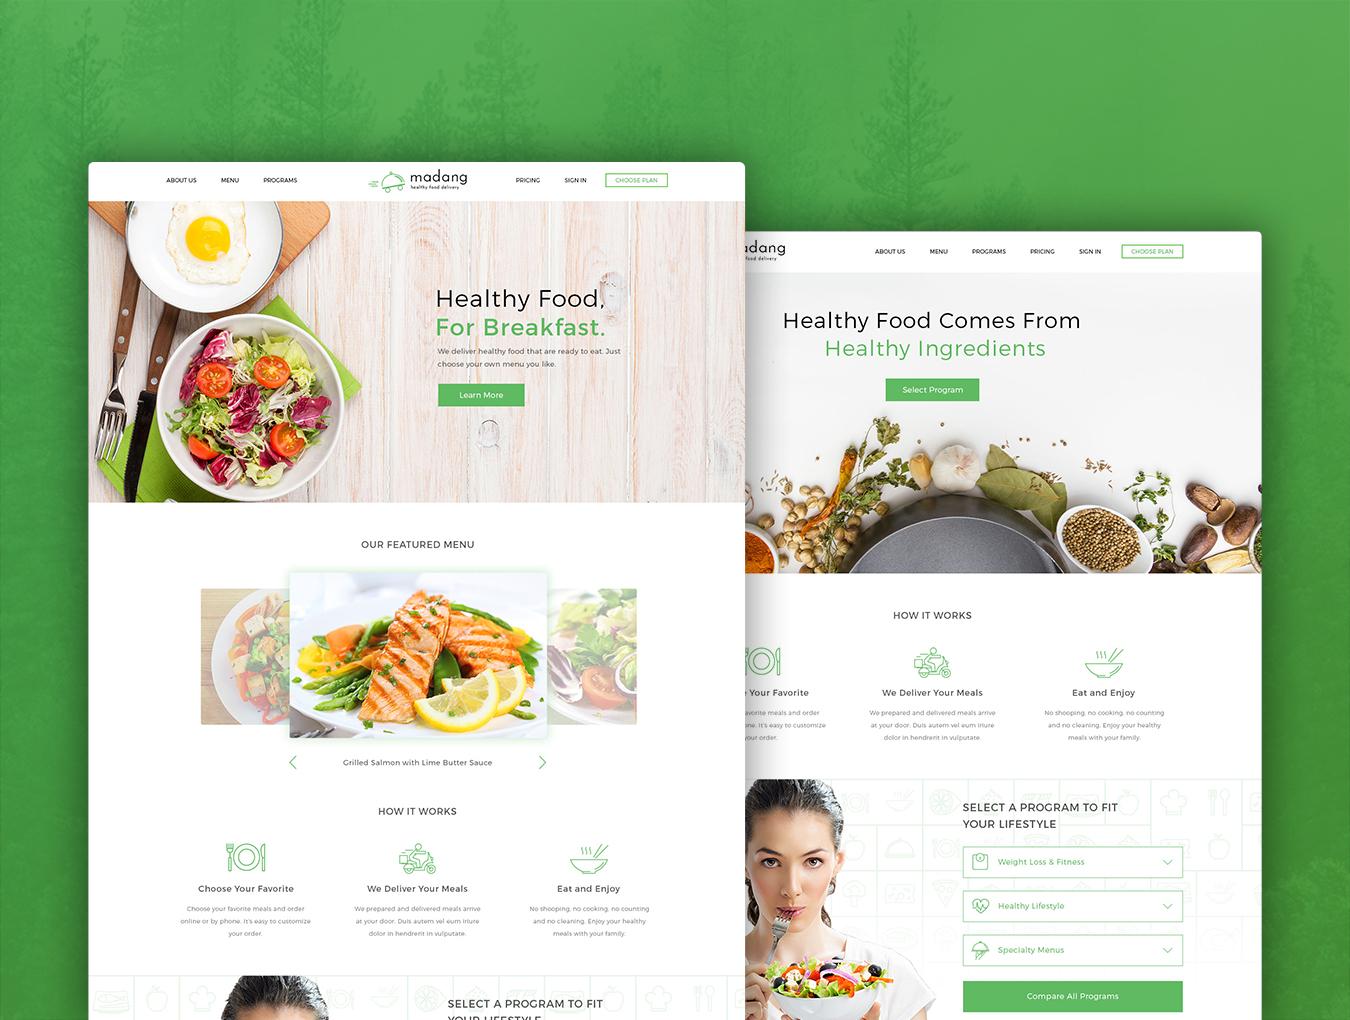 完整的美食健康快递类网页模板素材.psd素材下载 网页模板-第2张